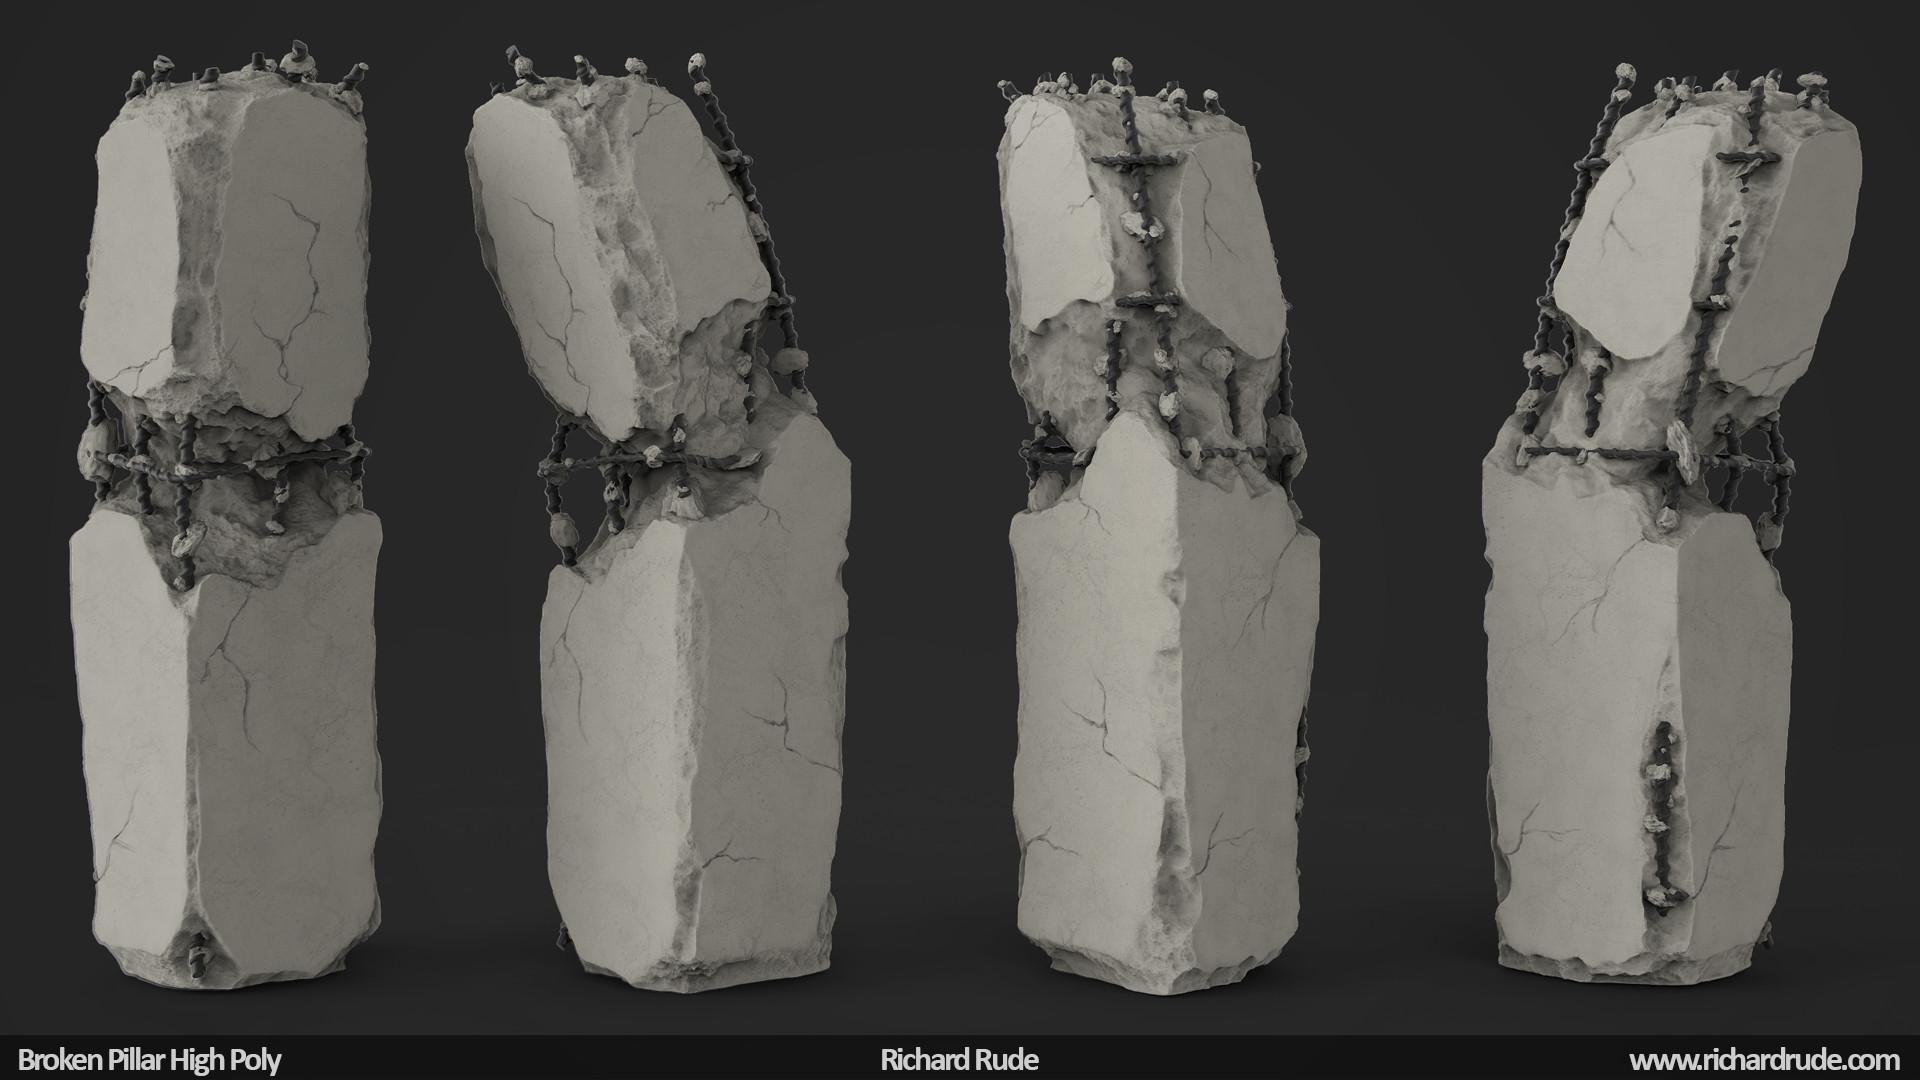 Broken Stone Pillar : Richard rude broken pillar